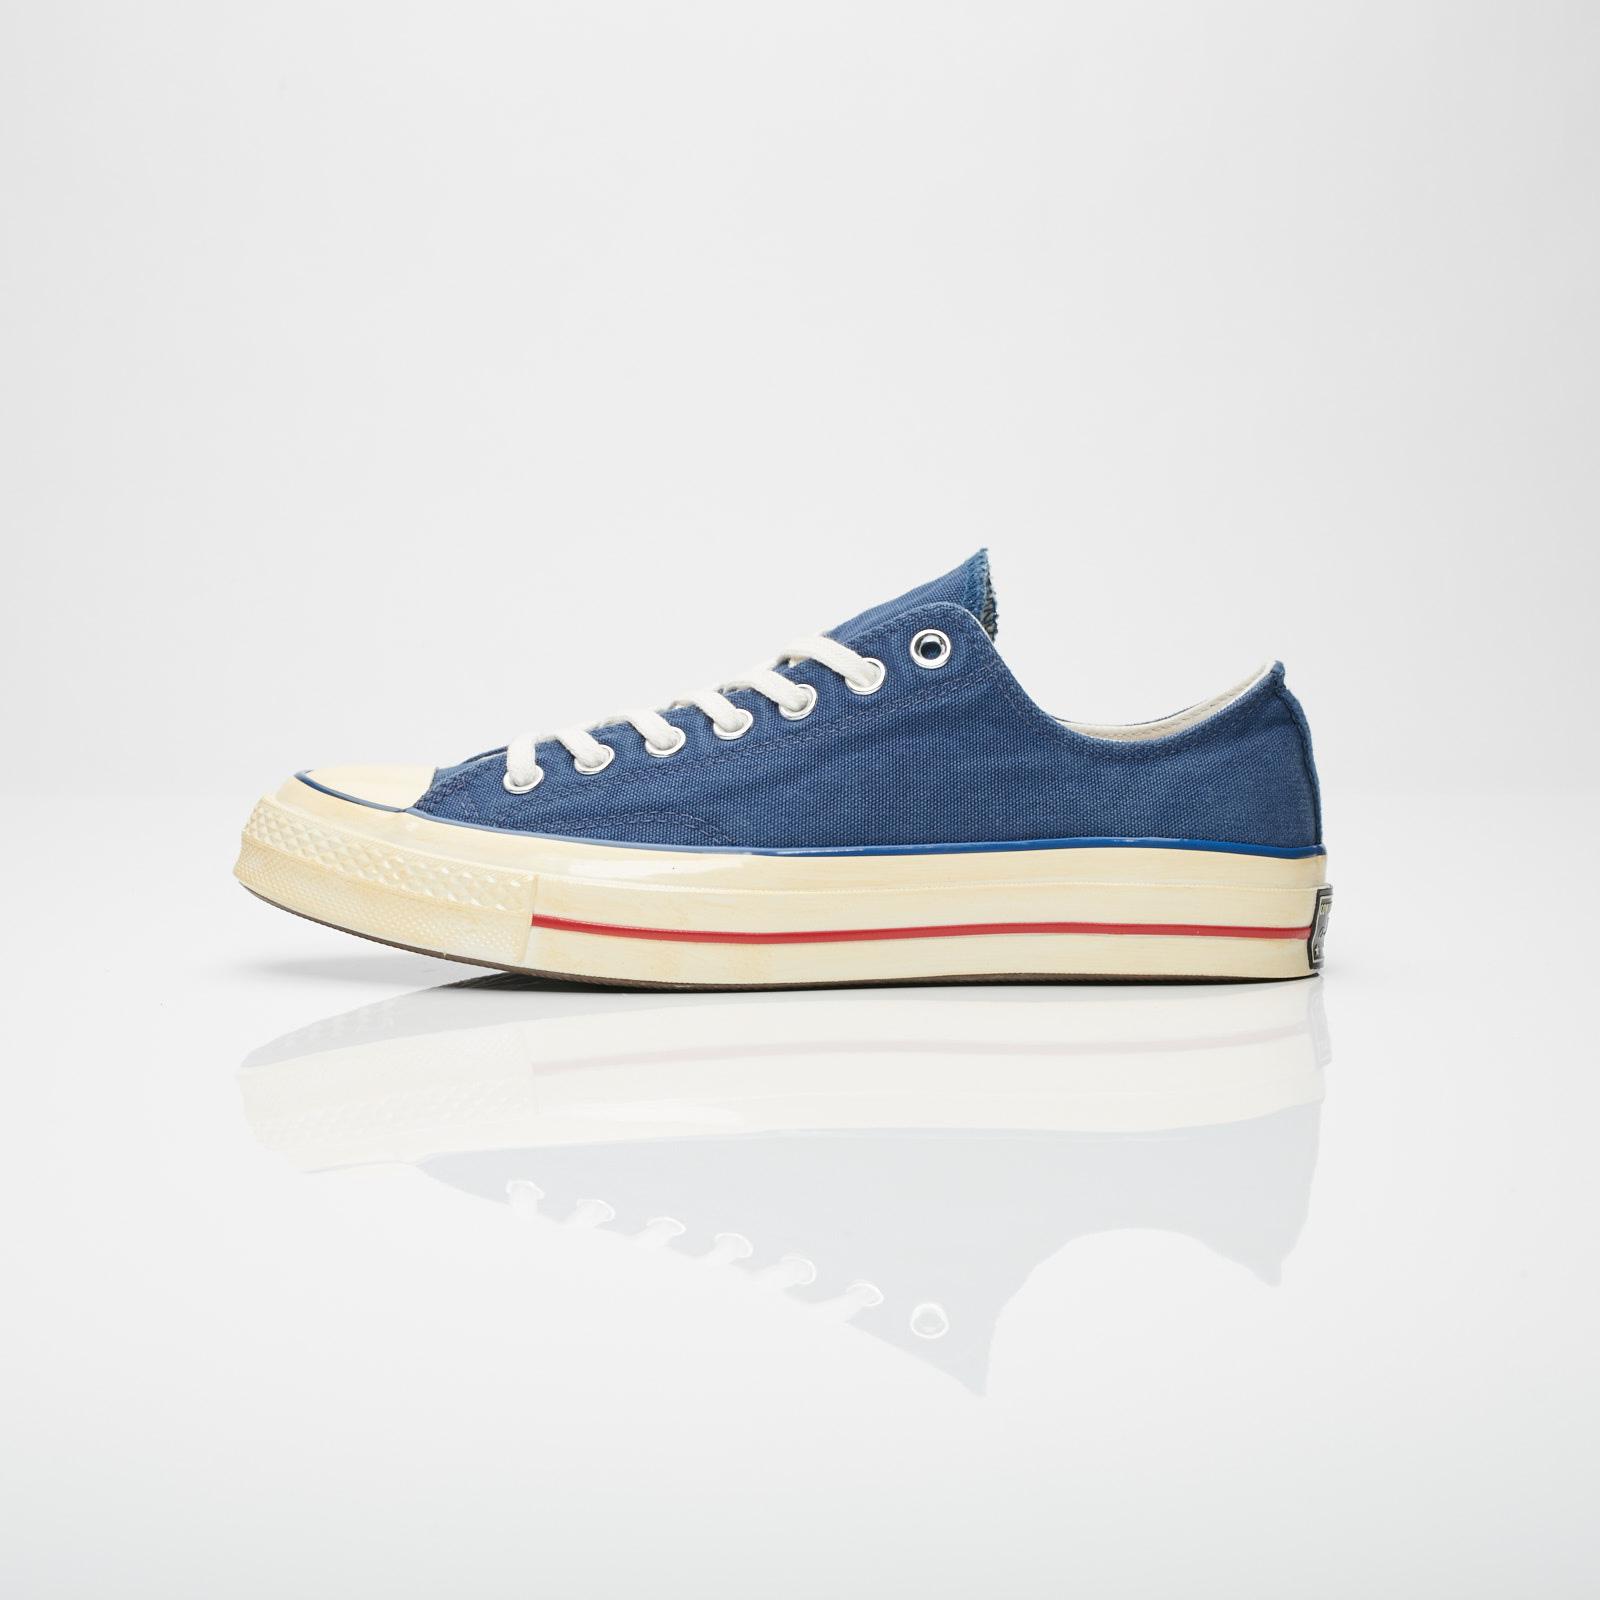 0118a5174e15 Converse Chuck Taylor 70 Ox - 159569c - Sneakersnstuff